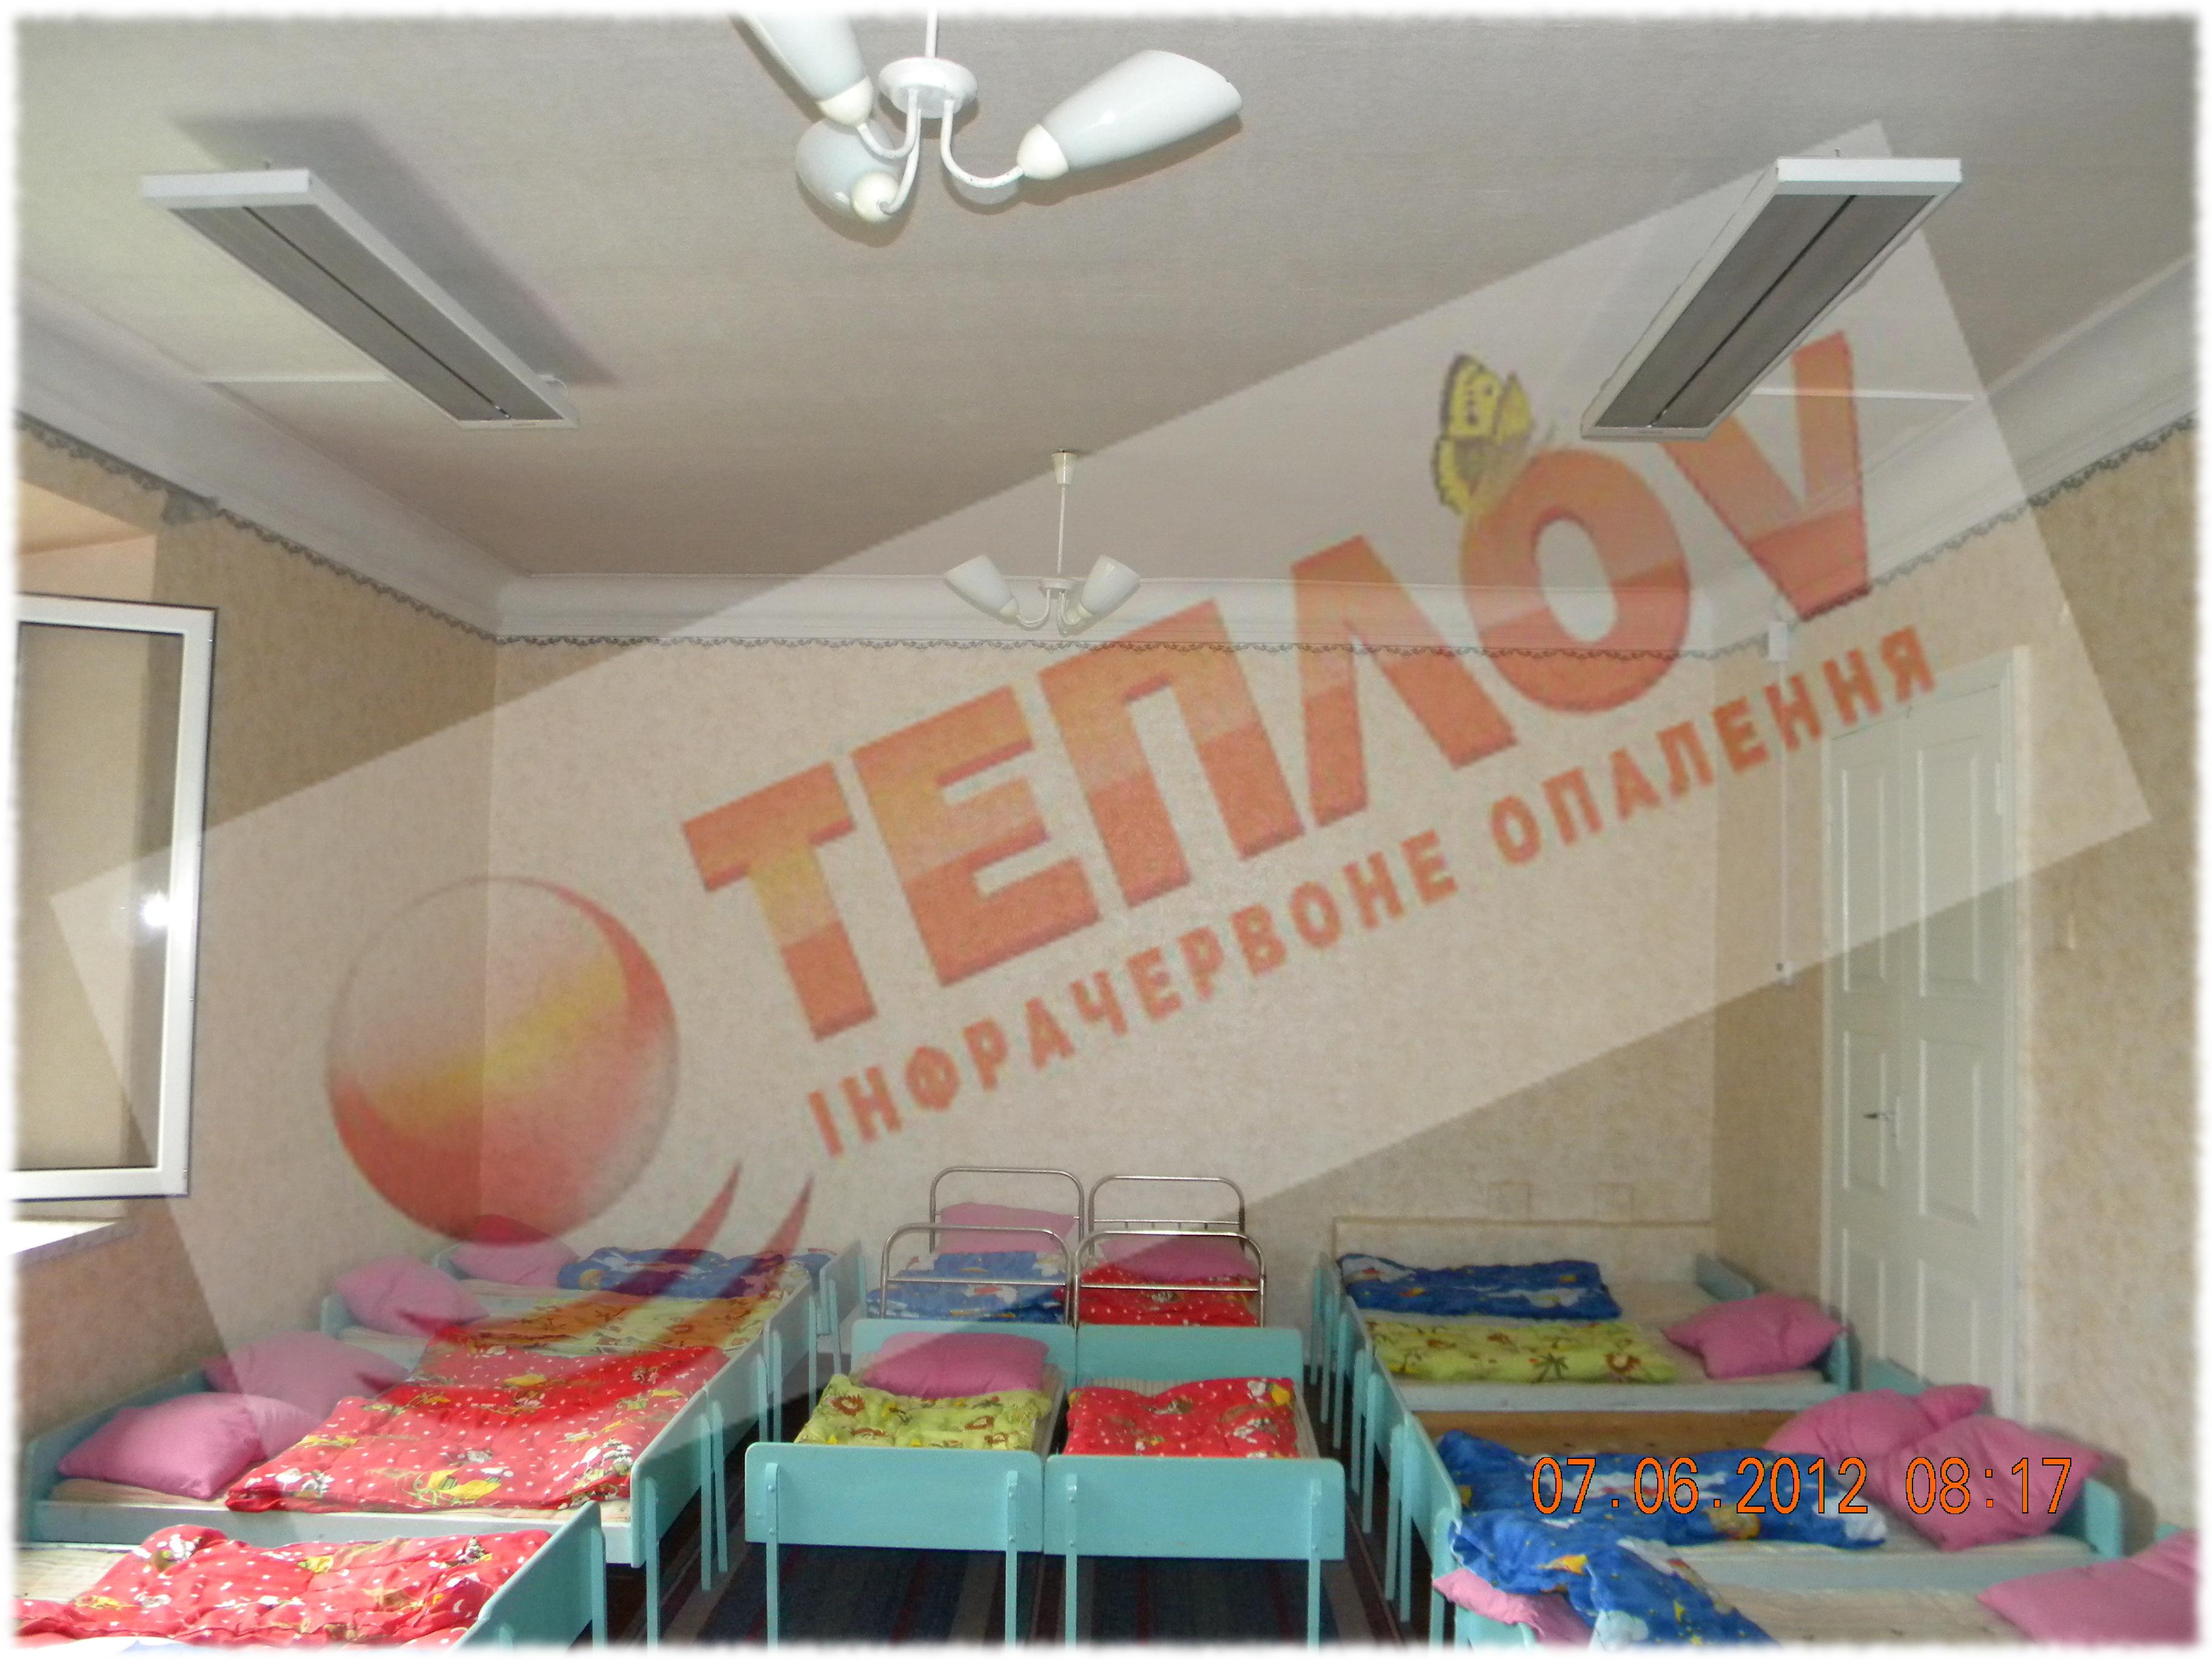 экономичное отопление детского сада электричеством